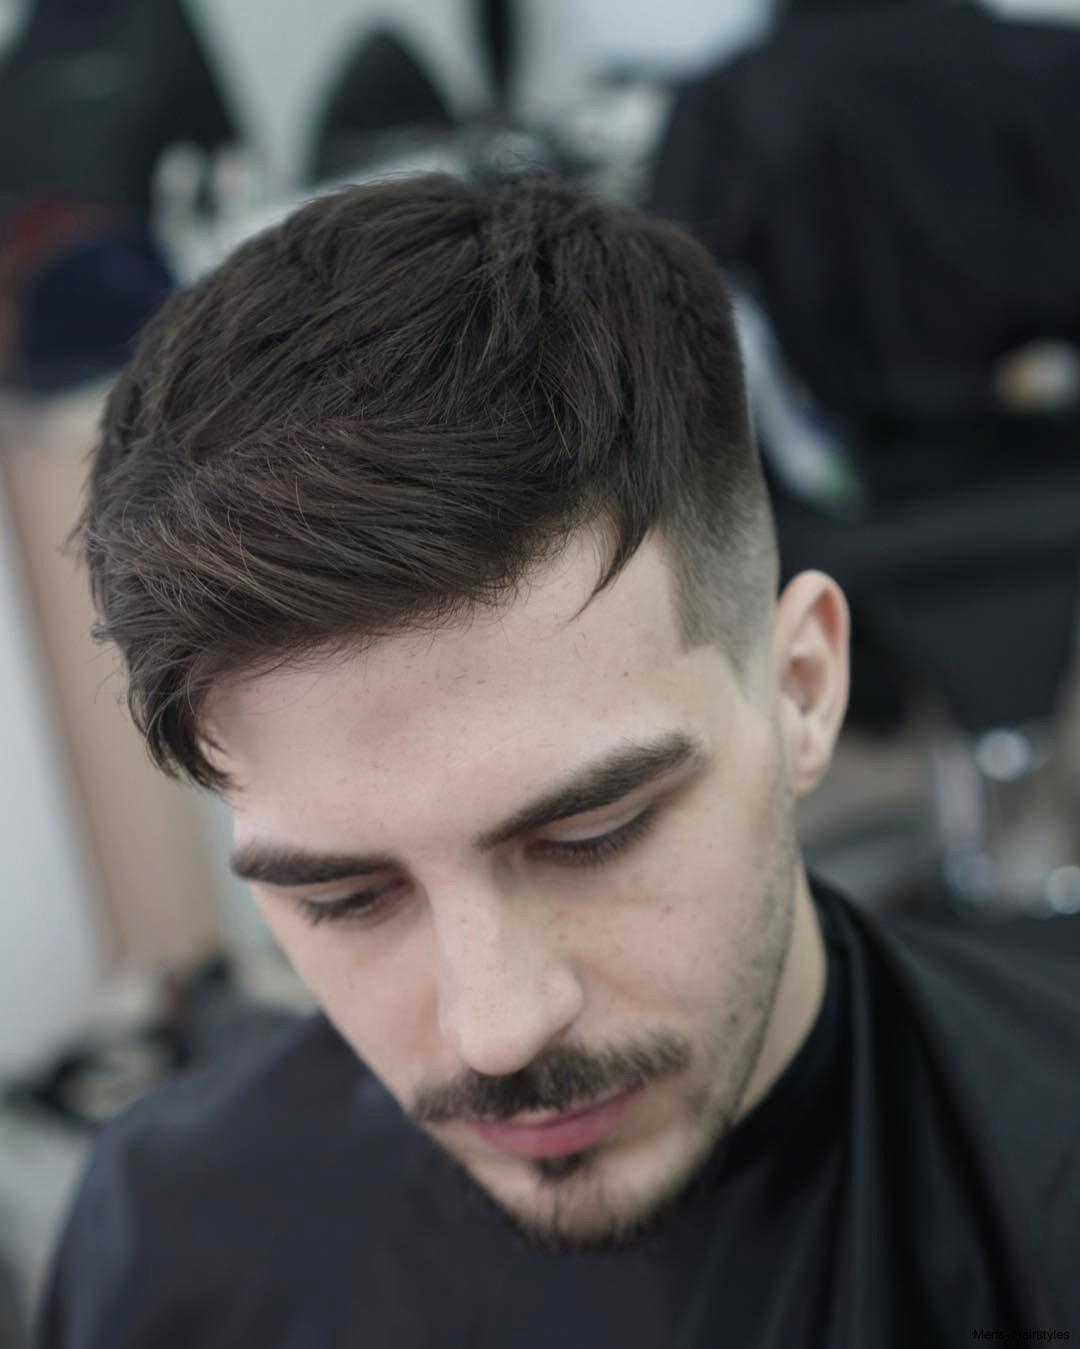 45 Best Short Hairstyles for Men  Sensod